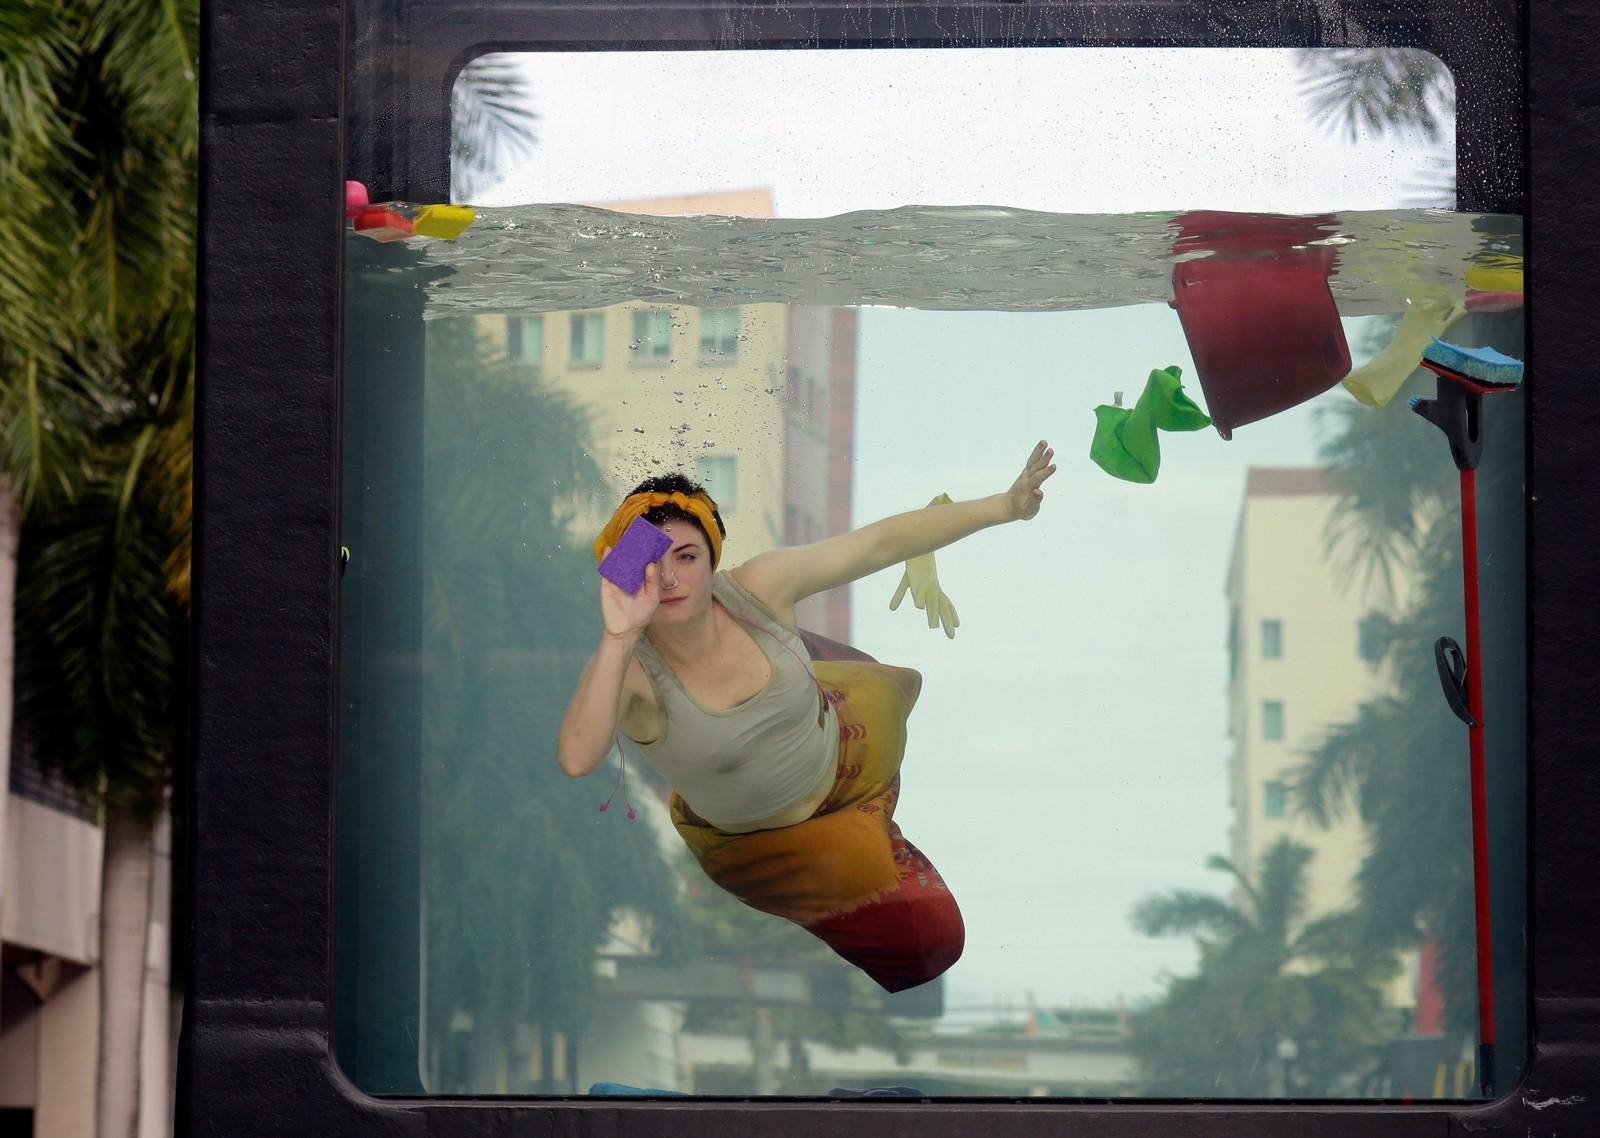 Performance-kunstneren Annie Saunders vasker vinduene mens vannet stiger. Installasjonen er en del av kunstuka i Miami, og er ment som en kommentar til klimaforandringene.